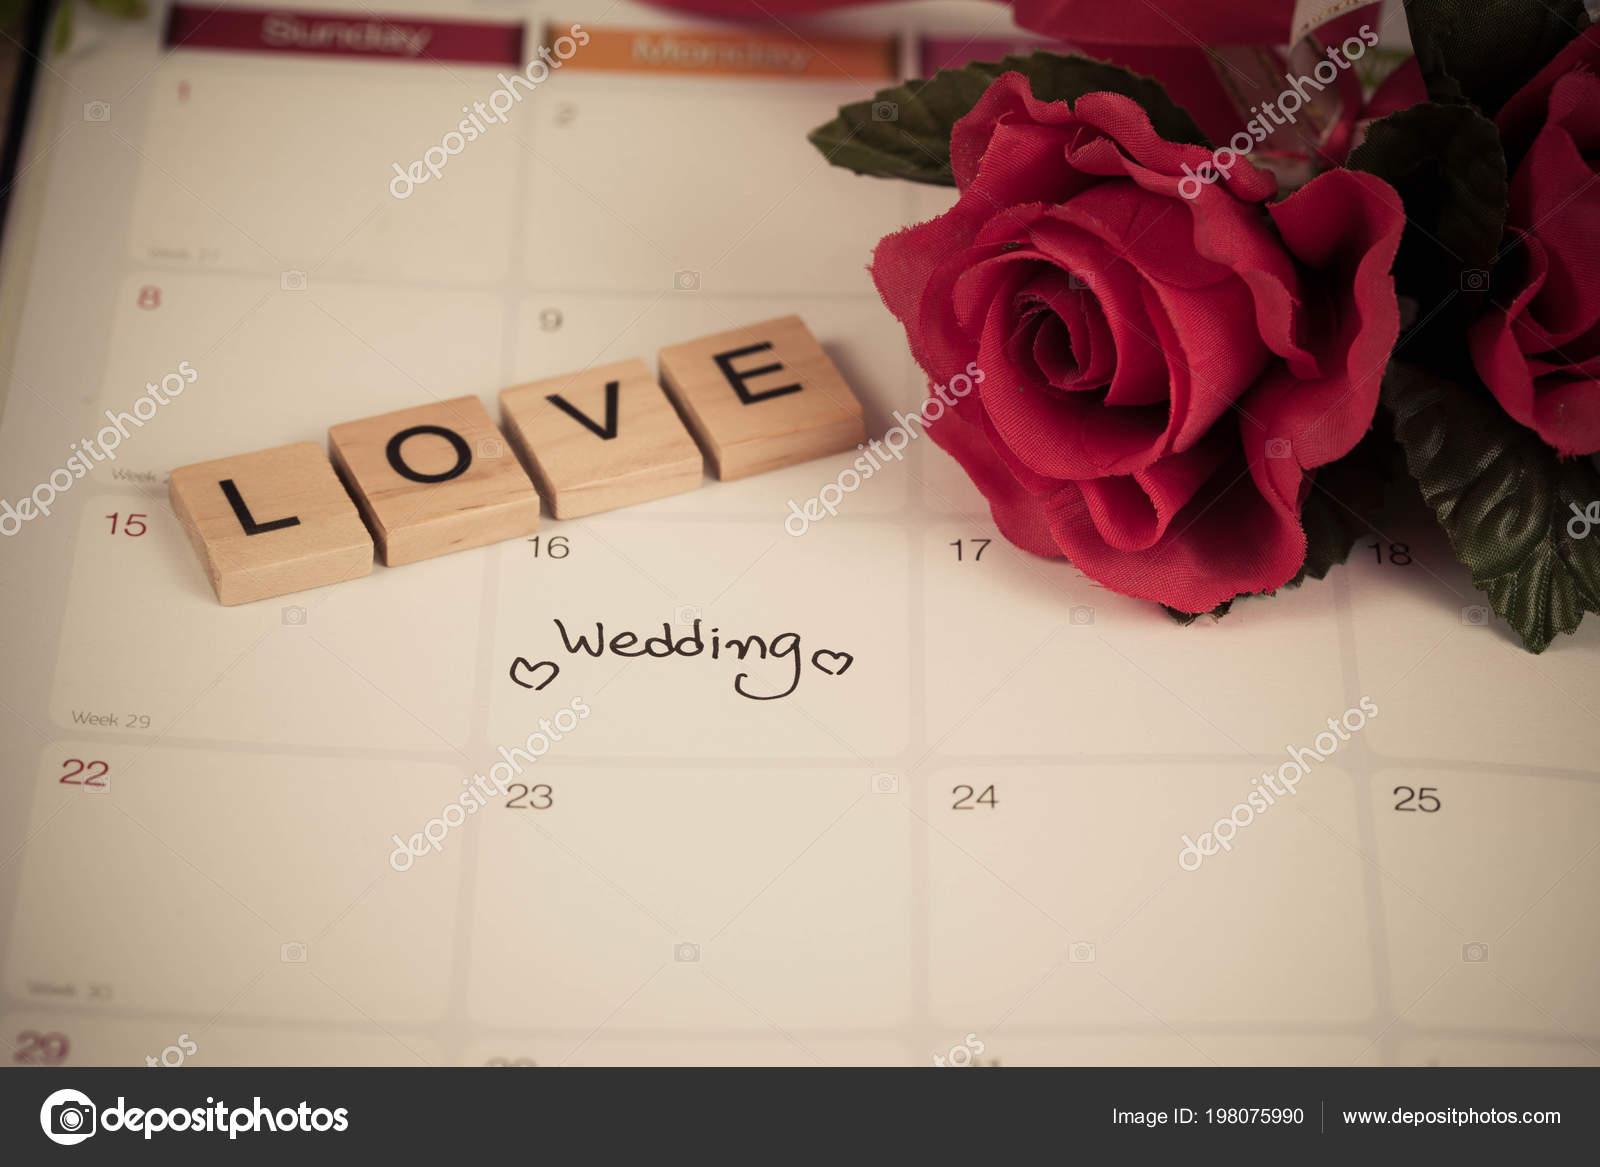 ebaa22973b9b Día Boda Recordatorio Calendario Planificación Amor Carta Madera Con Tono —  Fotos de Stock